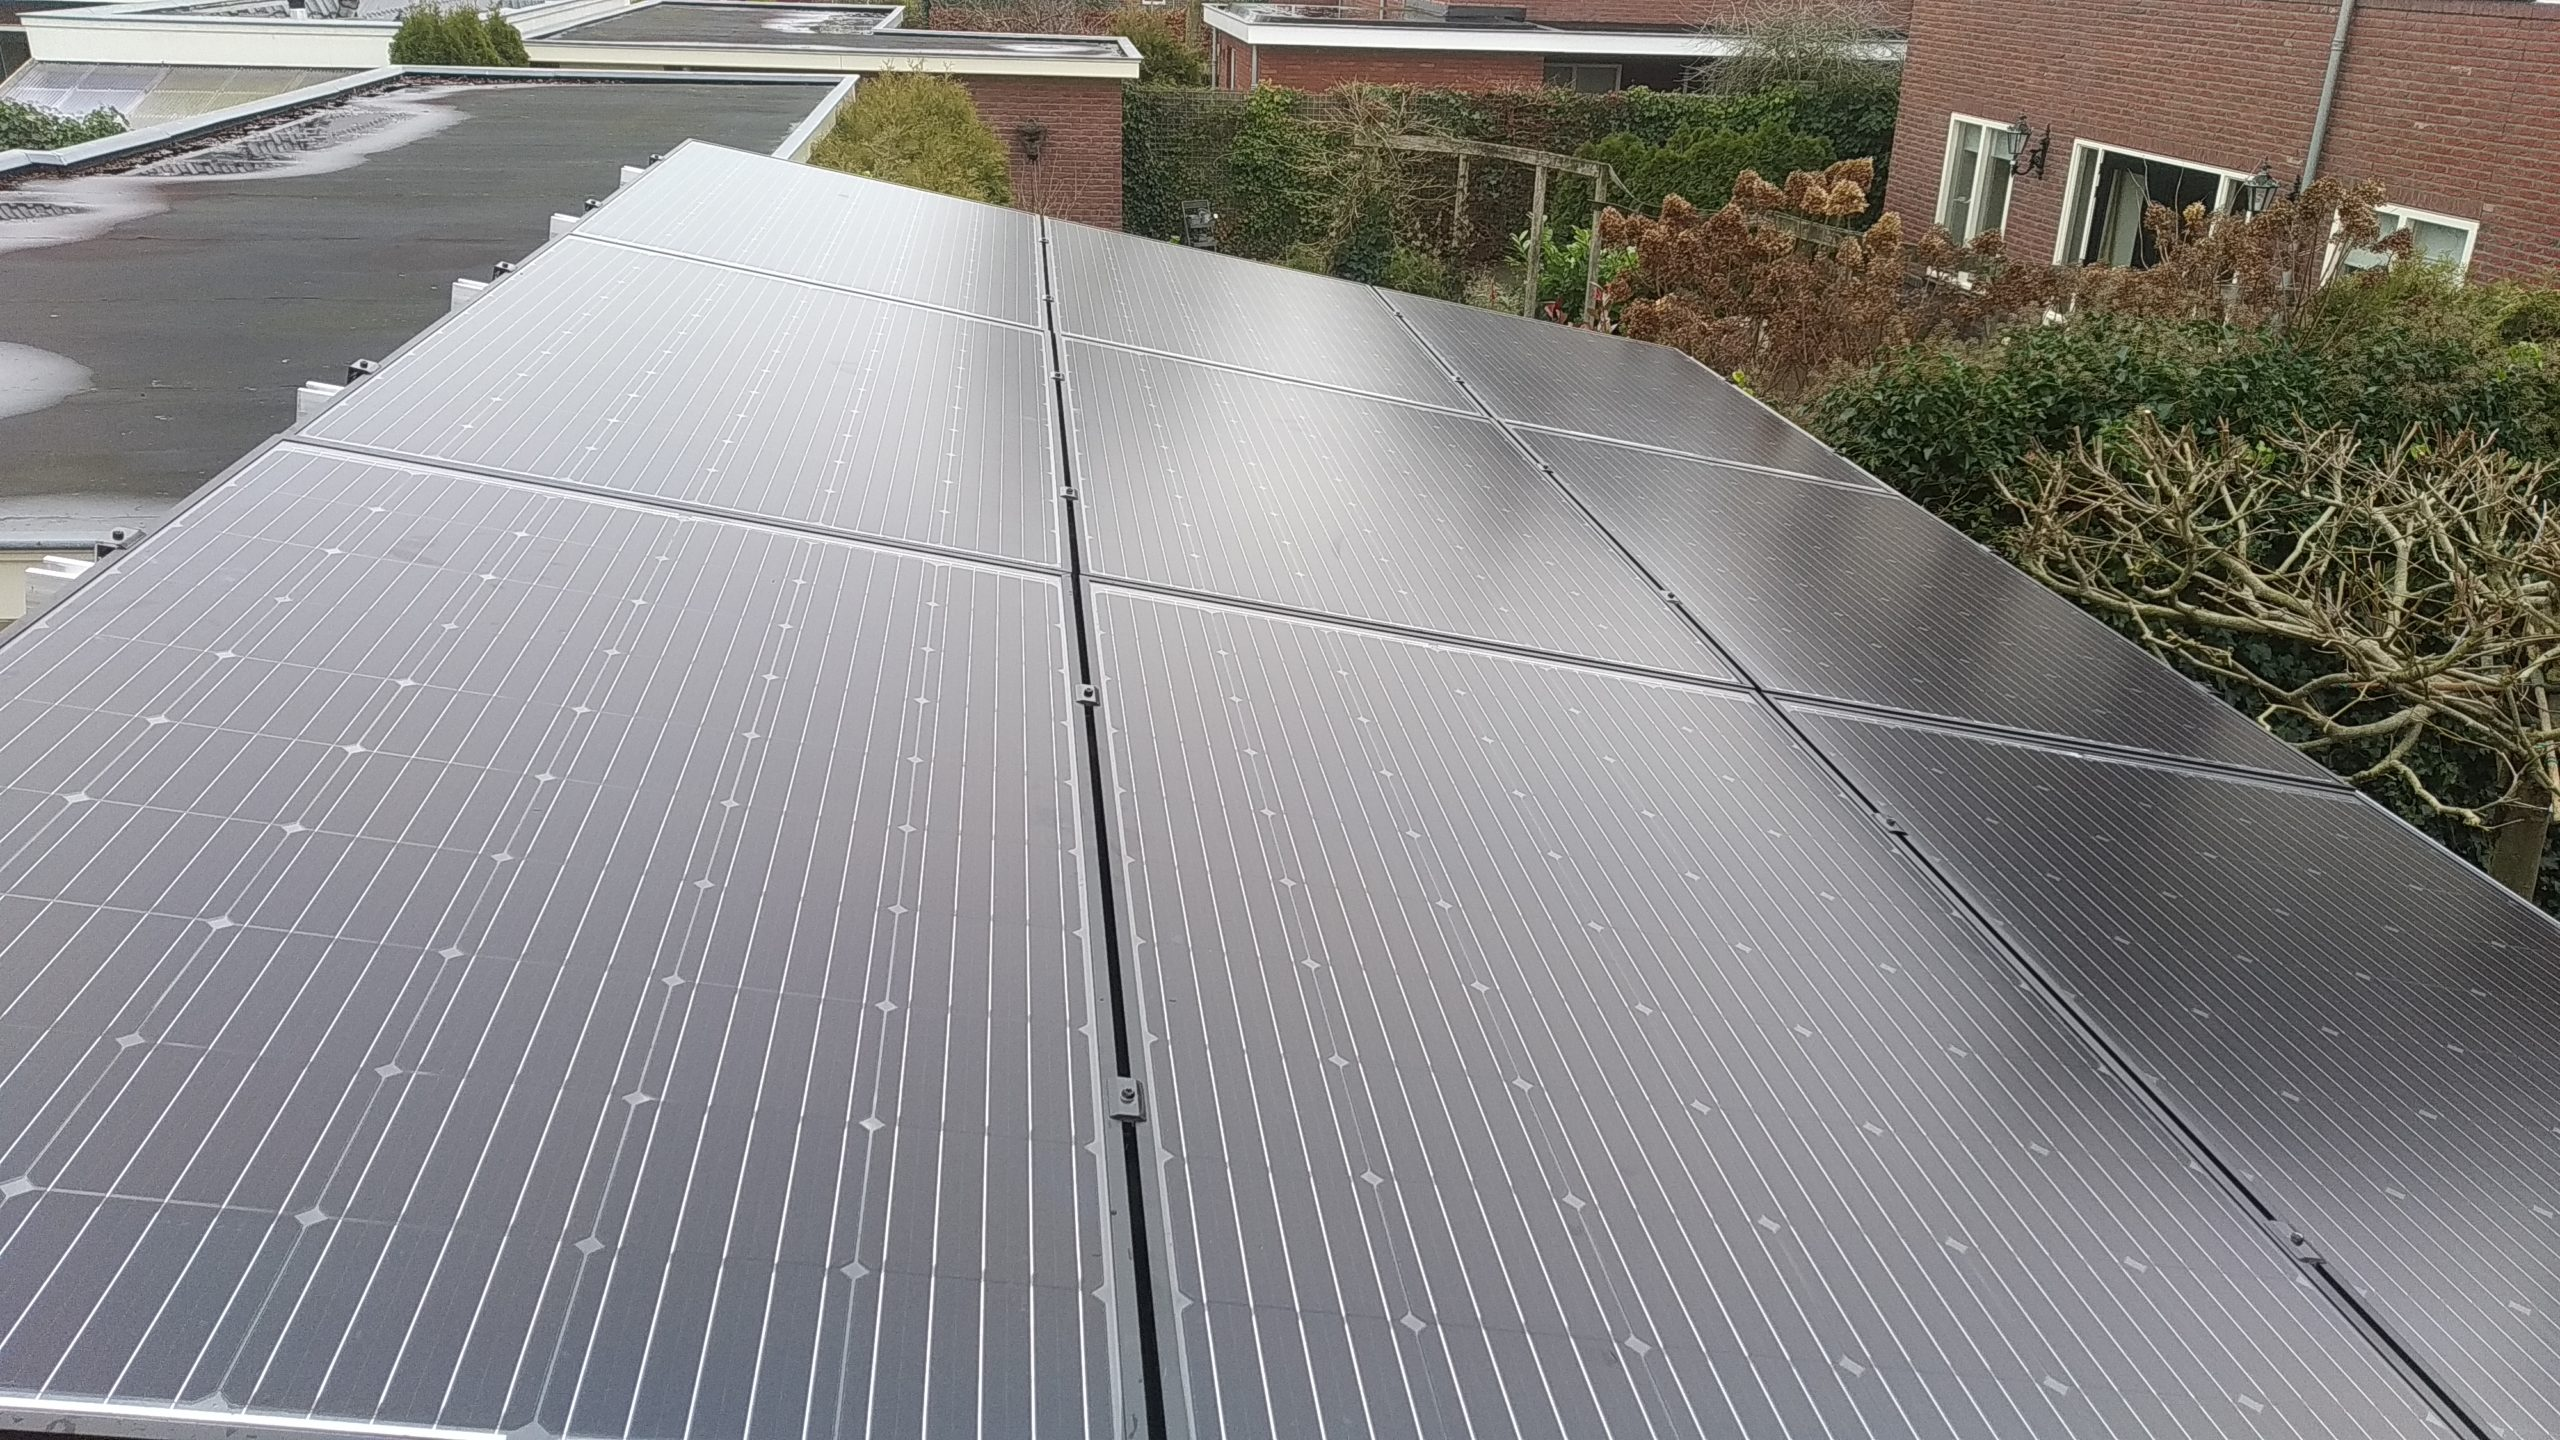 Solarwatt glas glas zonnepanelen en valk schans Beilen